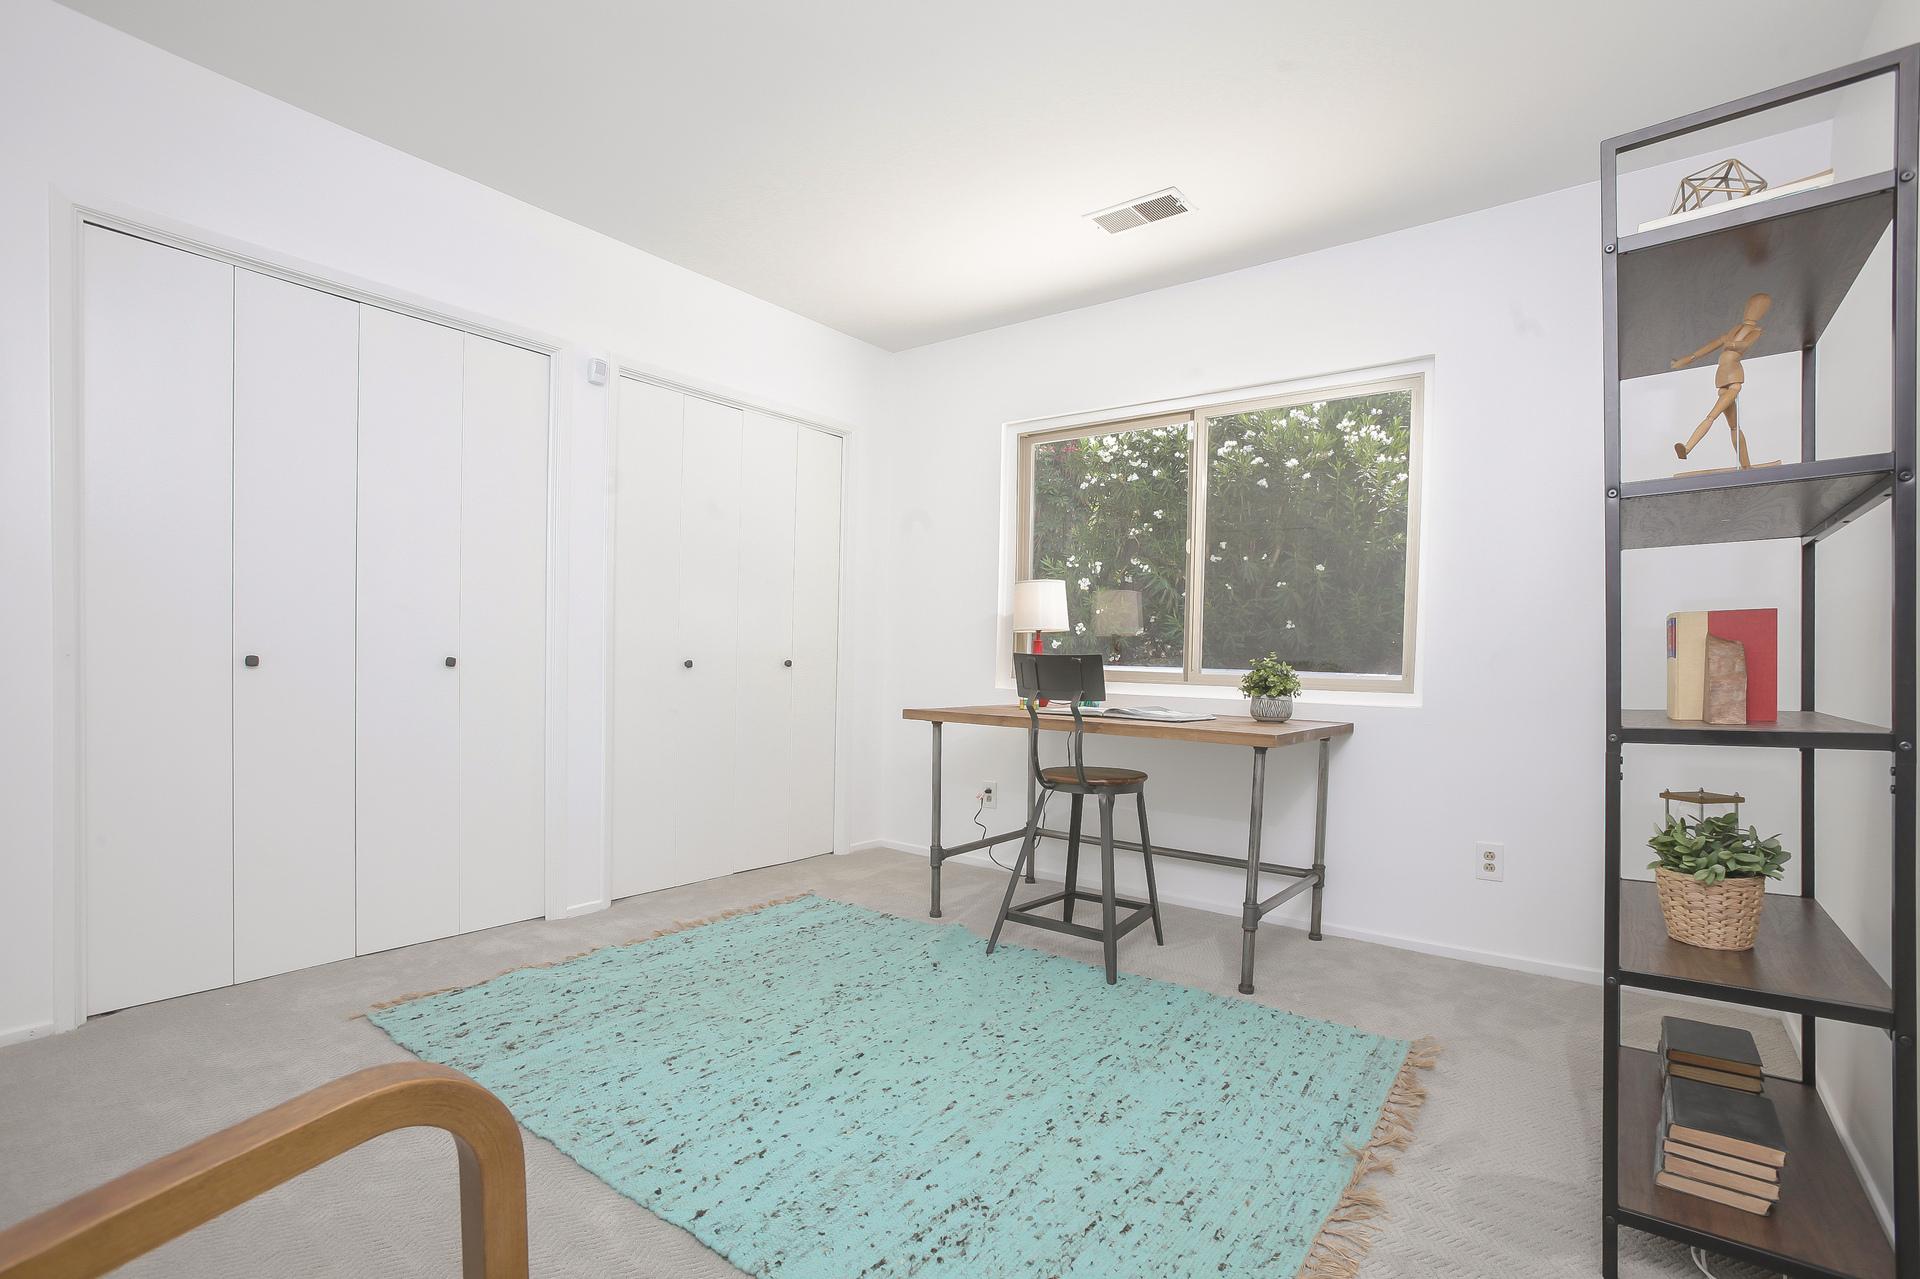 033-3rd_Bedroom__office-4443076-medium.jpg